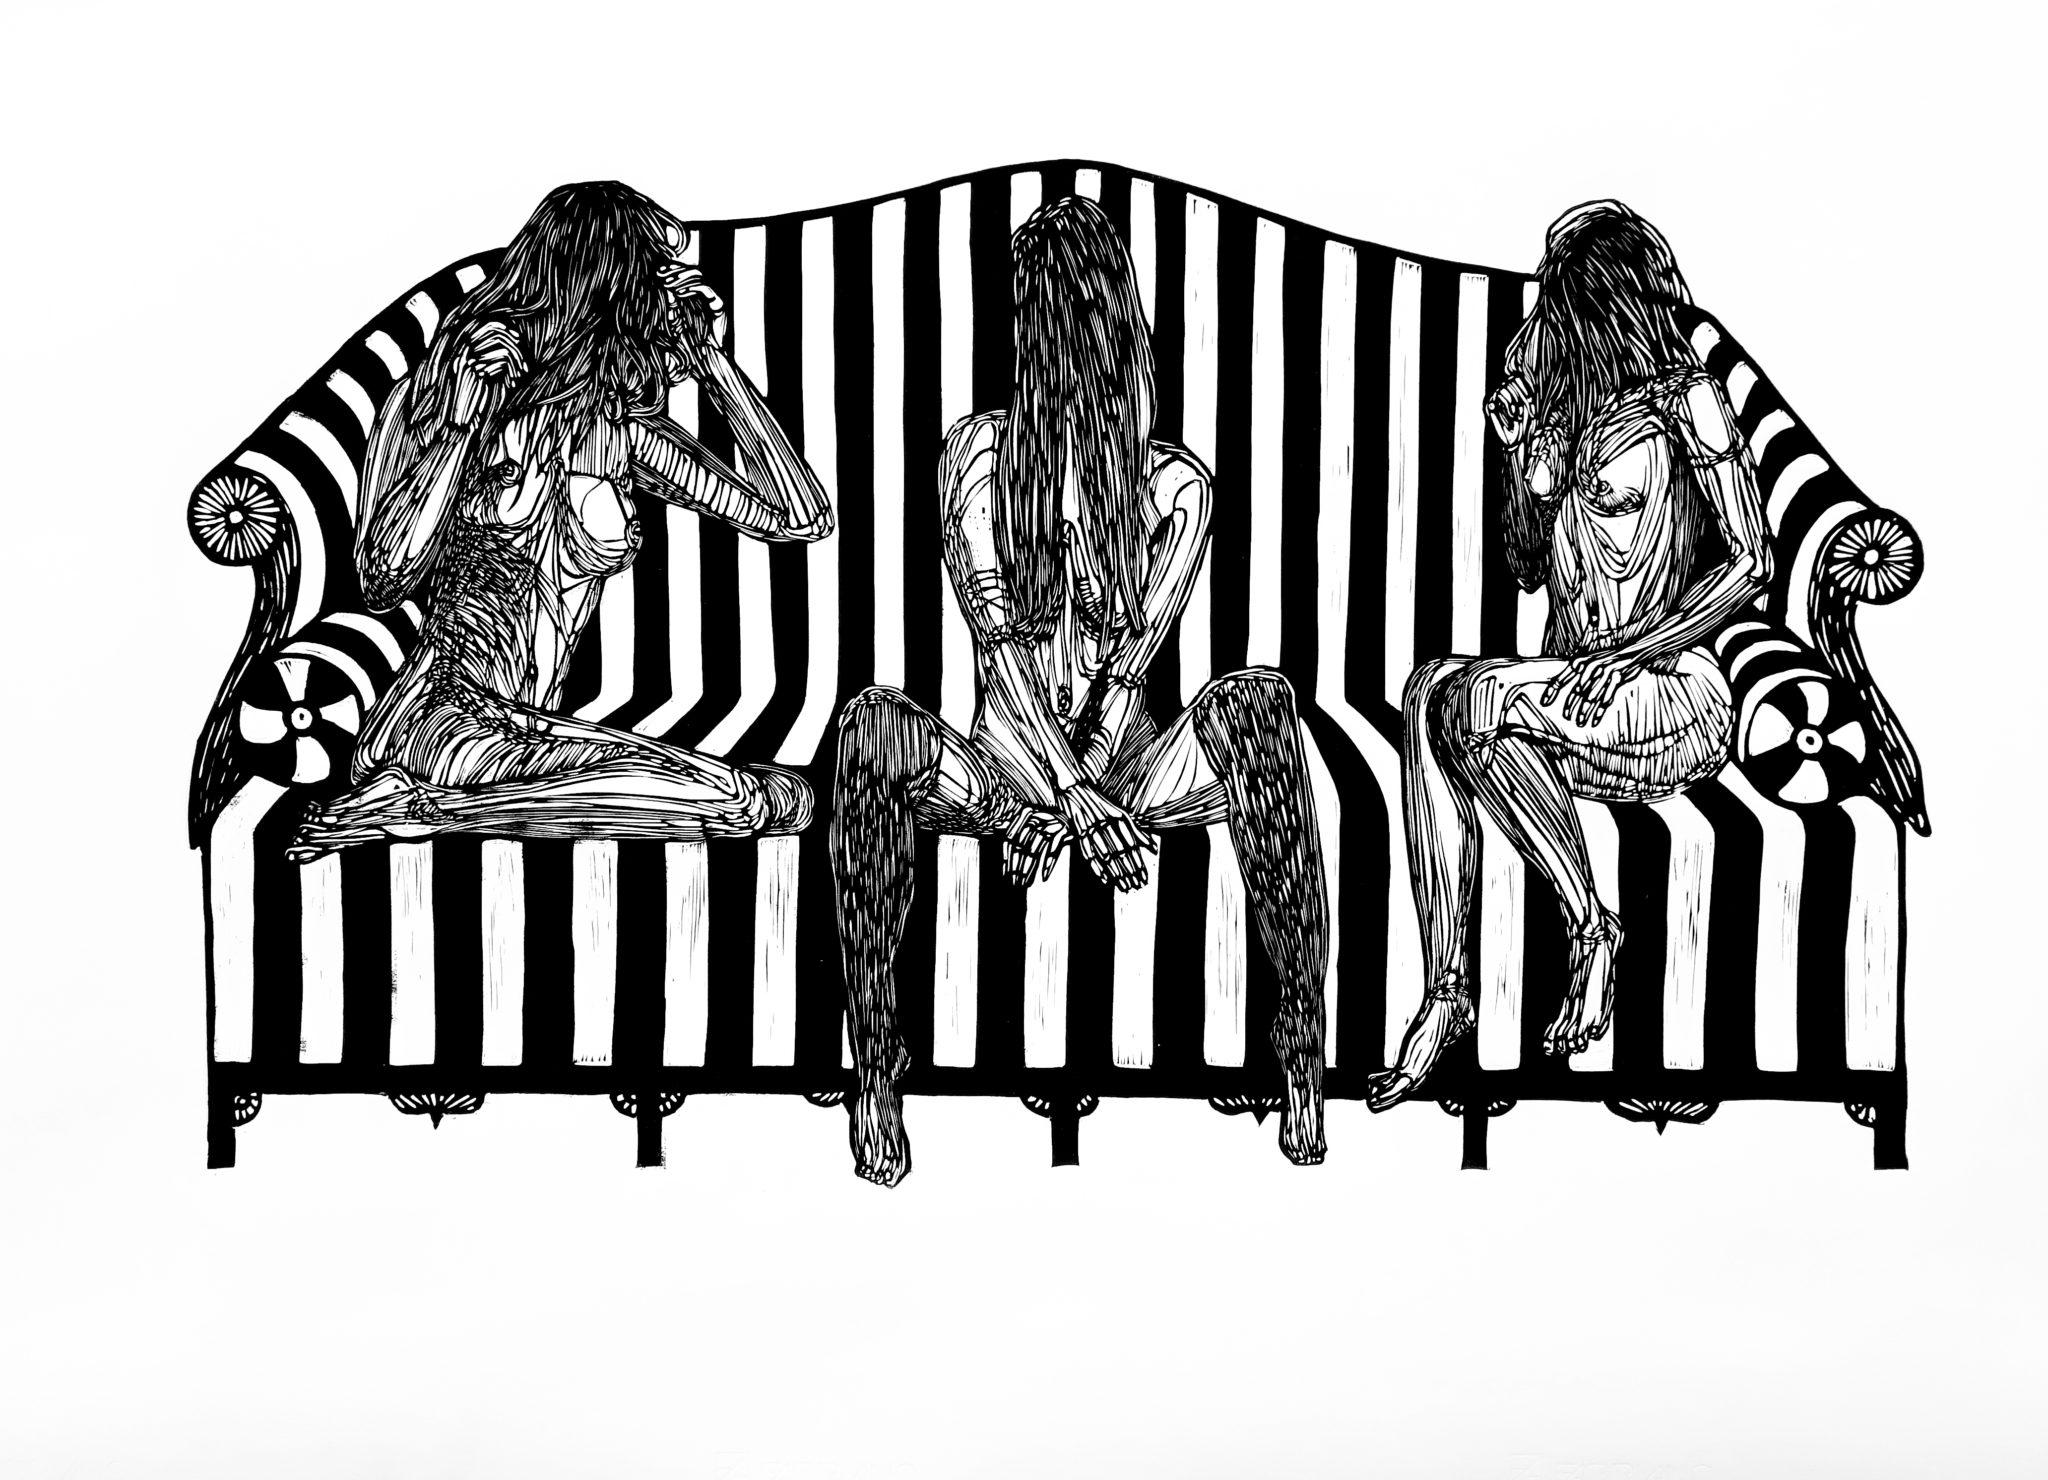 Linoryt Gracje na kanapie o wymiarach 100x70 cm